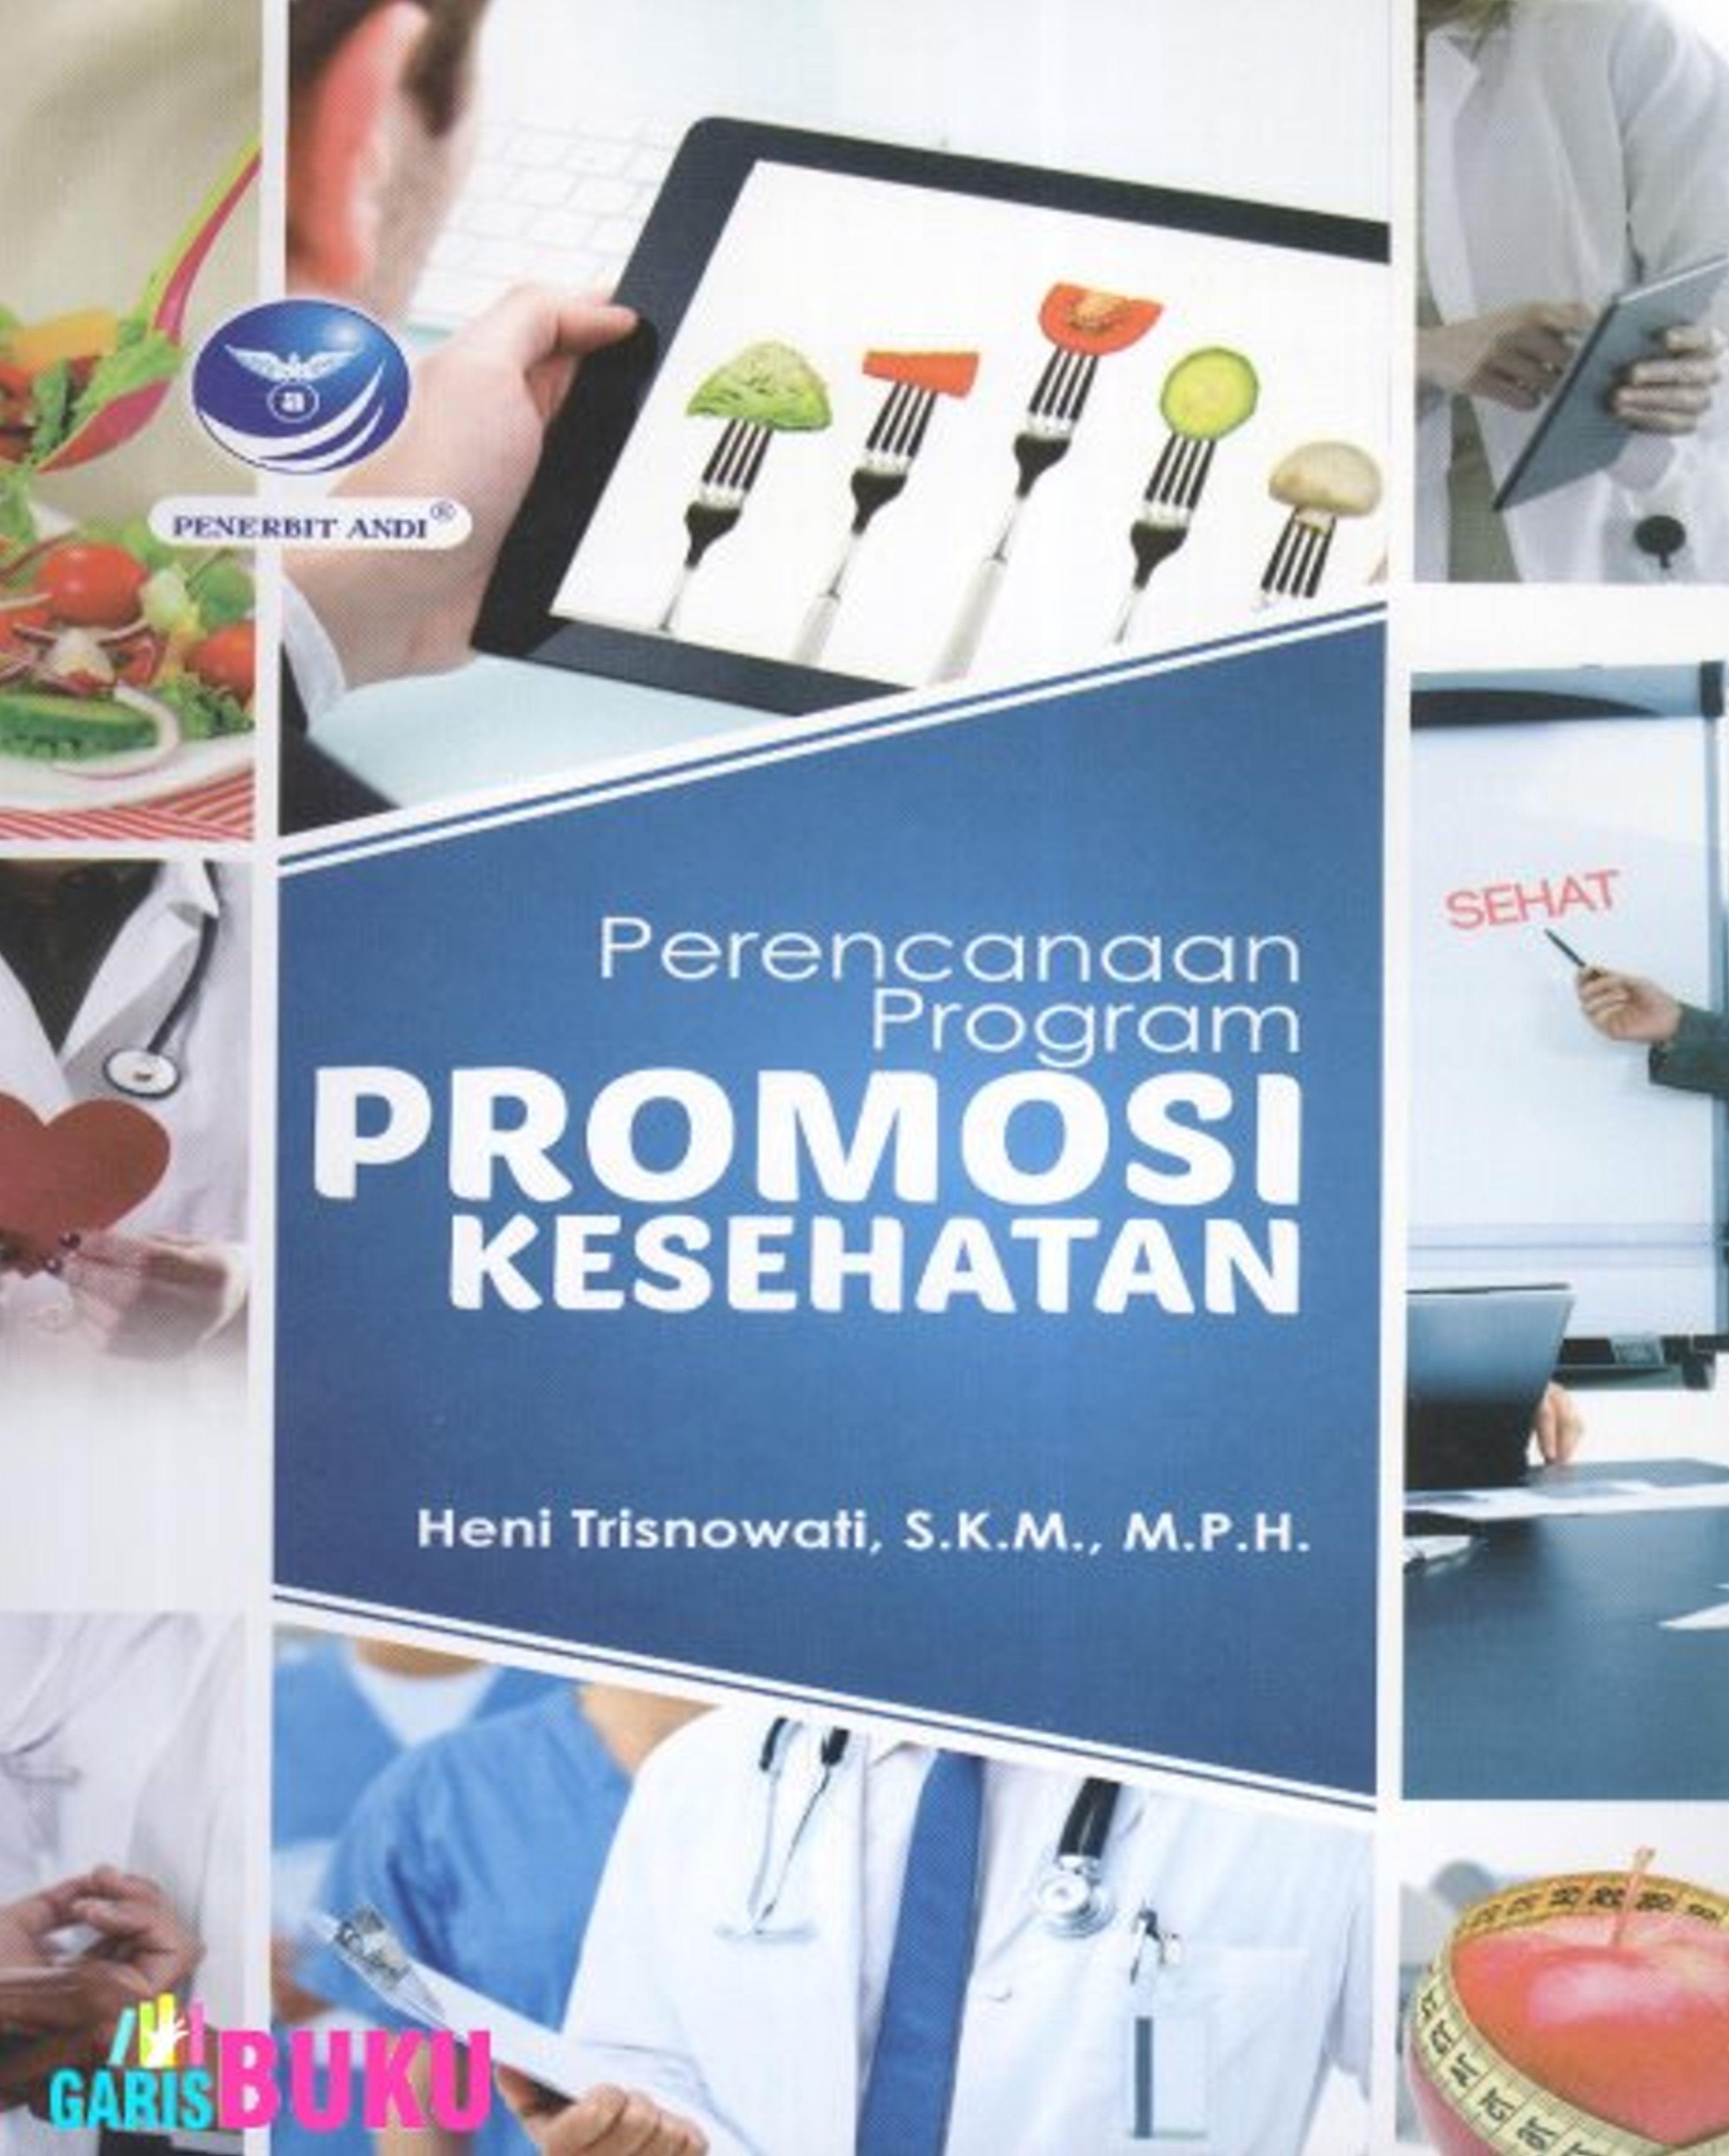 Perencanaan Program Promosi Kesehatan By Heni Trisnowati Isbn 9789792965605 Di 2020 Promosi Kesehatan Perencanaan Buku